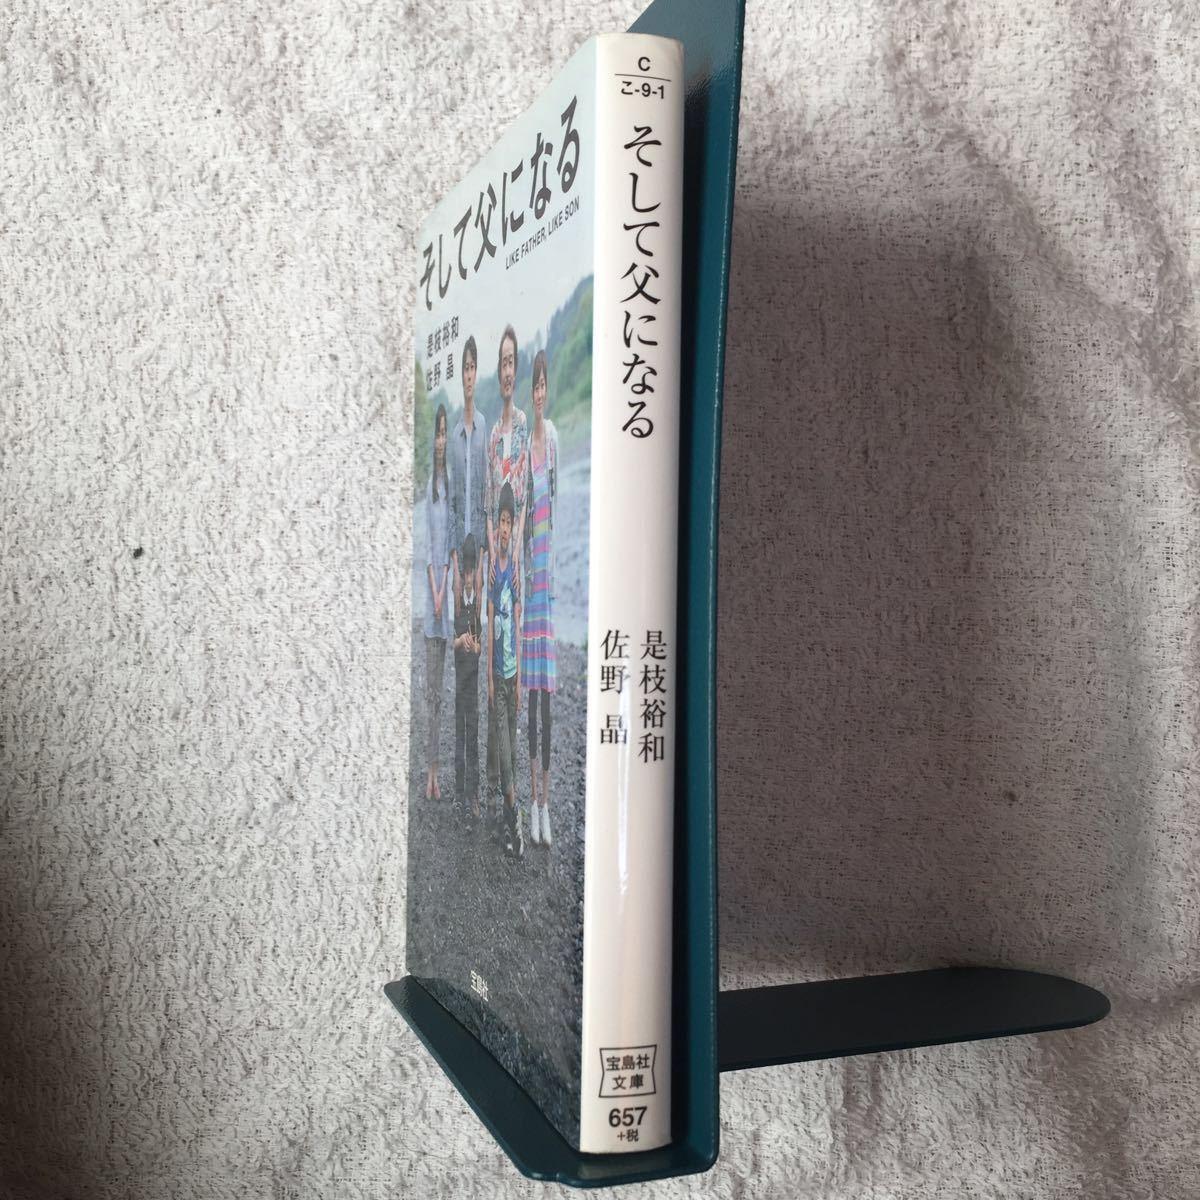 そして父になる【映画ノベライズ】 (宝島社文庫) 是枝 裕和 佐野 晶 9784800215154_画像3